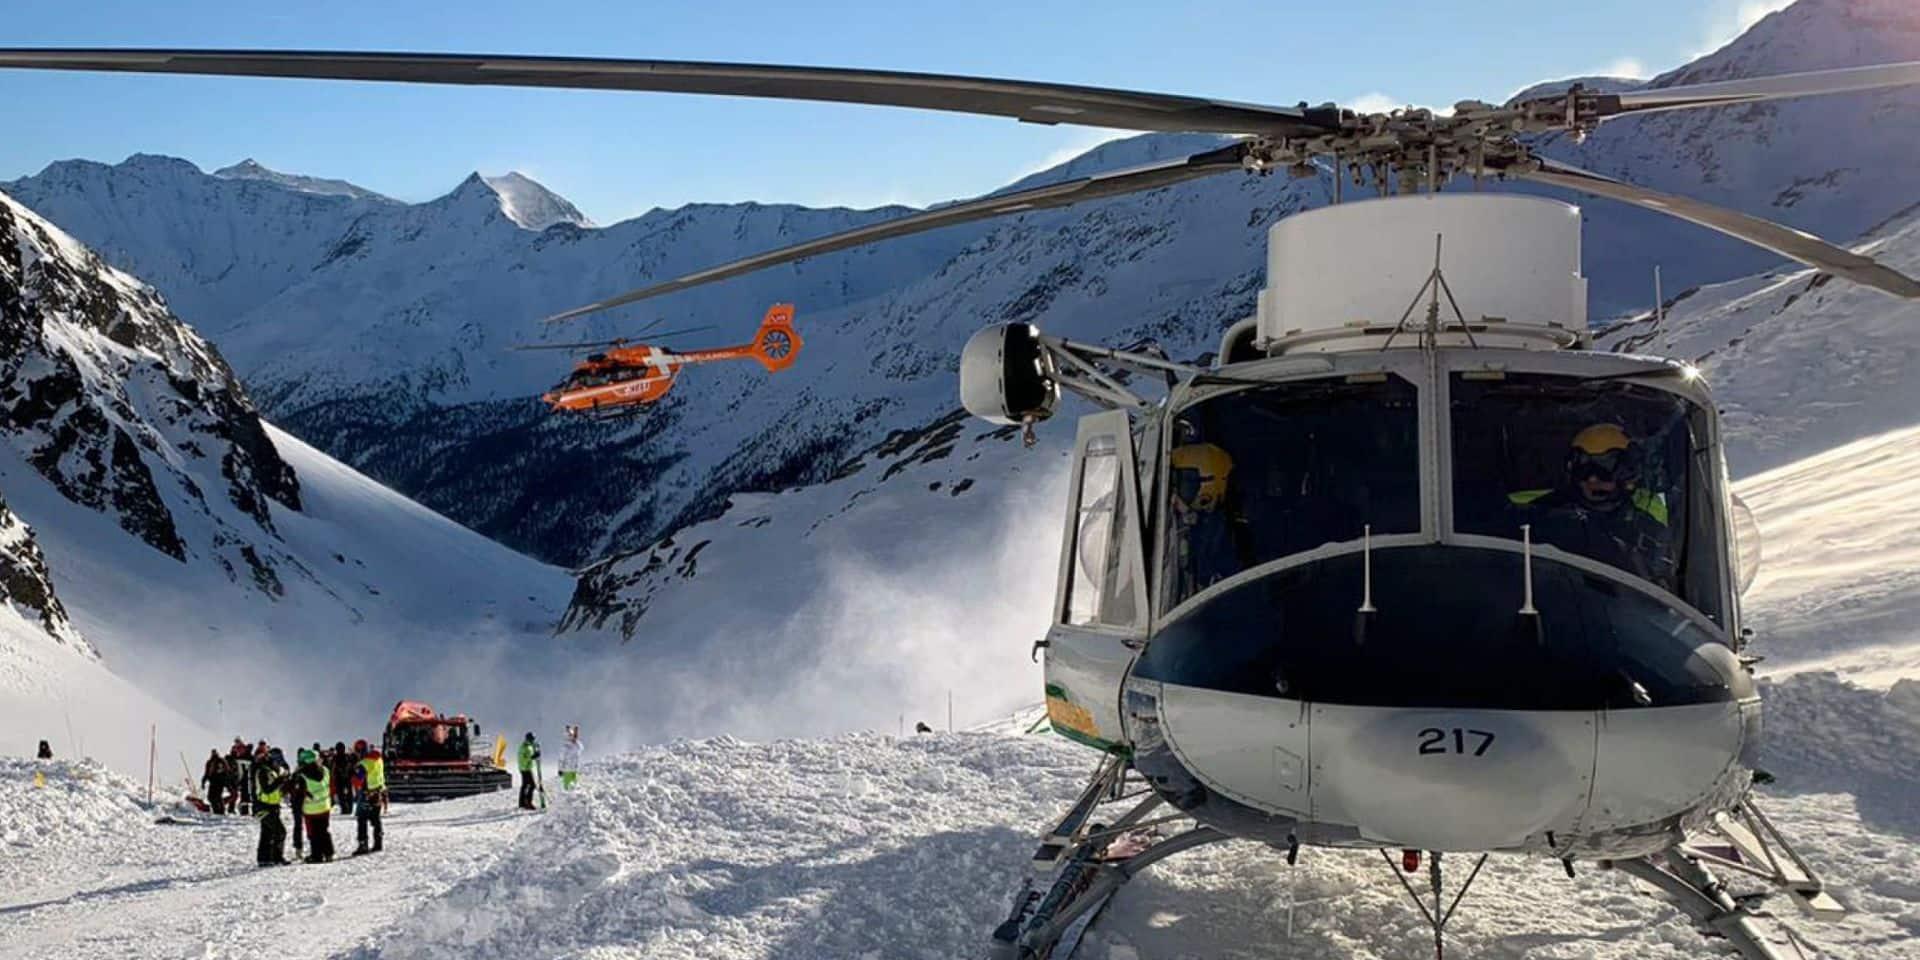 Italie: trois morts dont deux enfants dans une avalanche